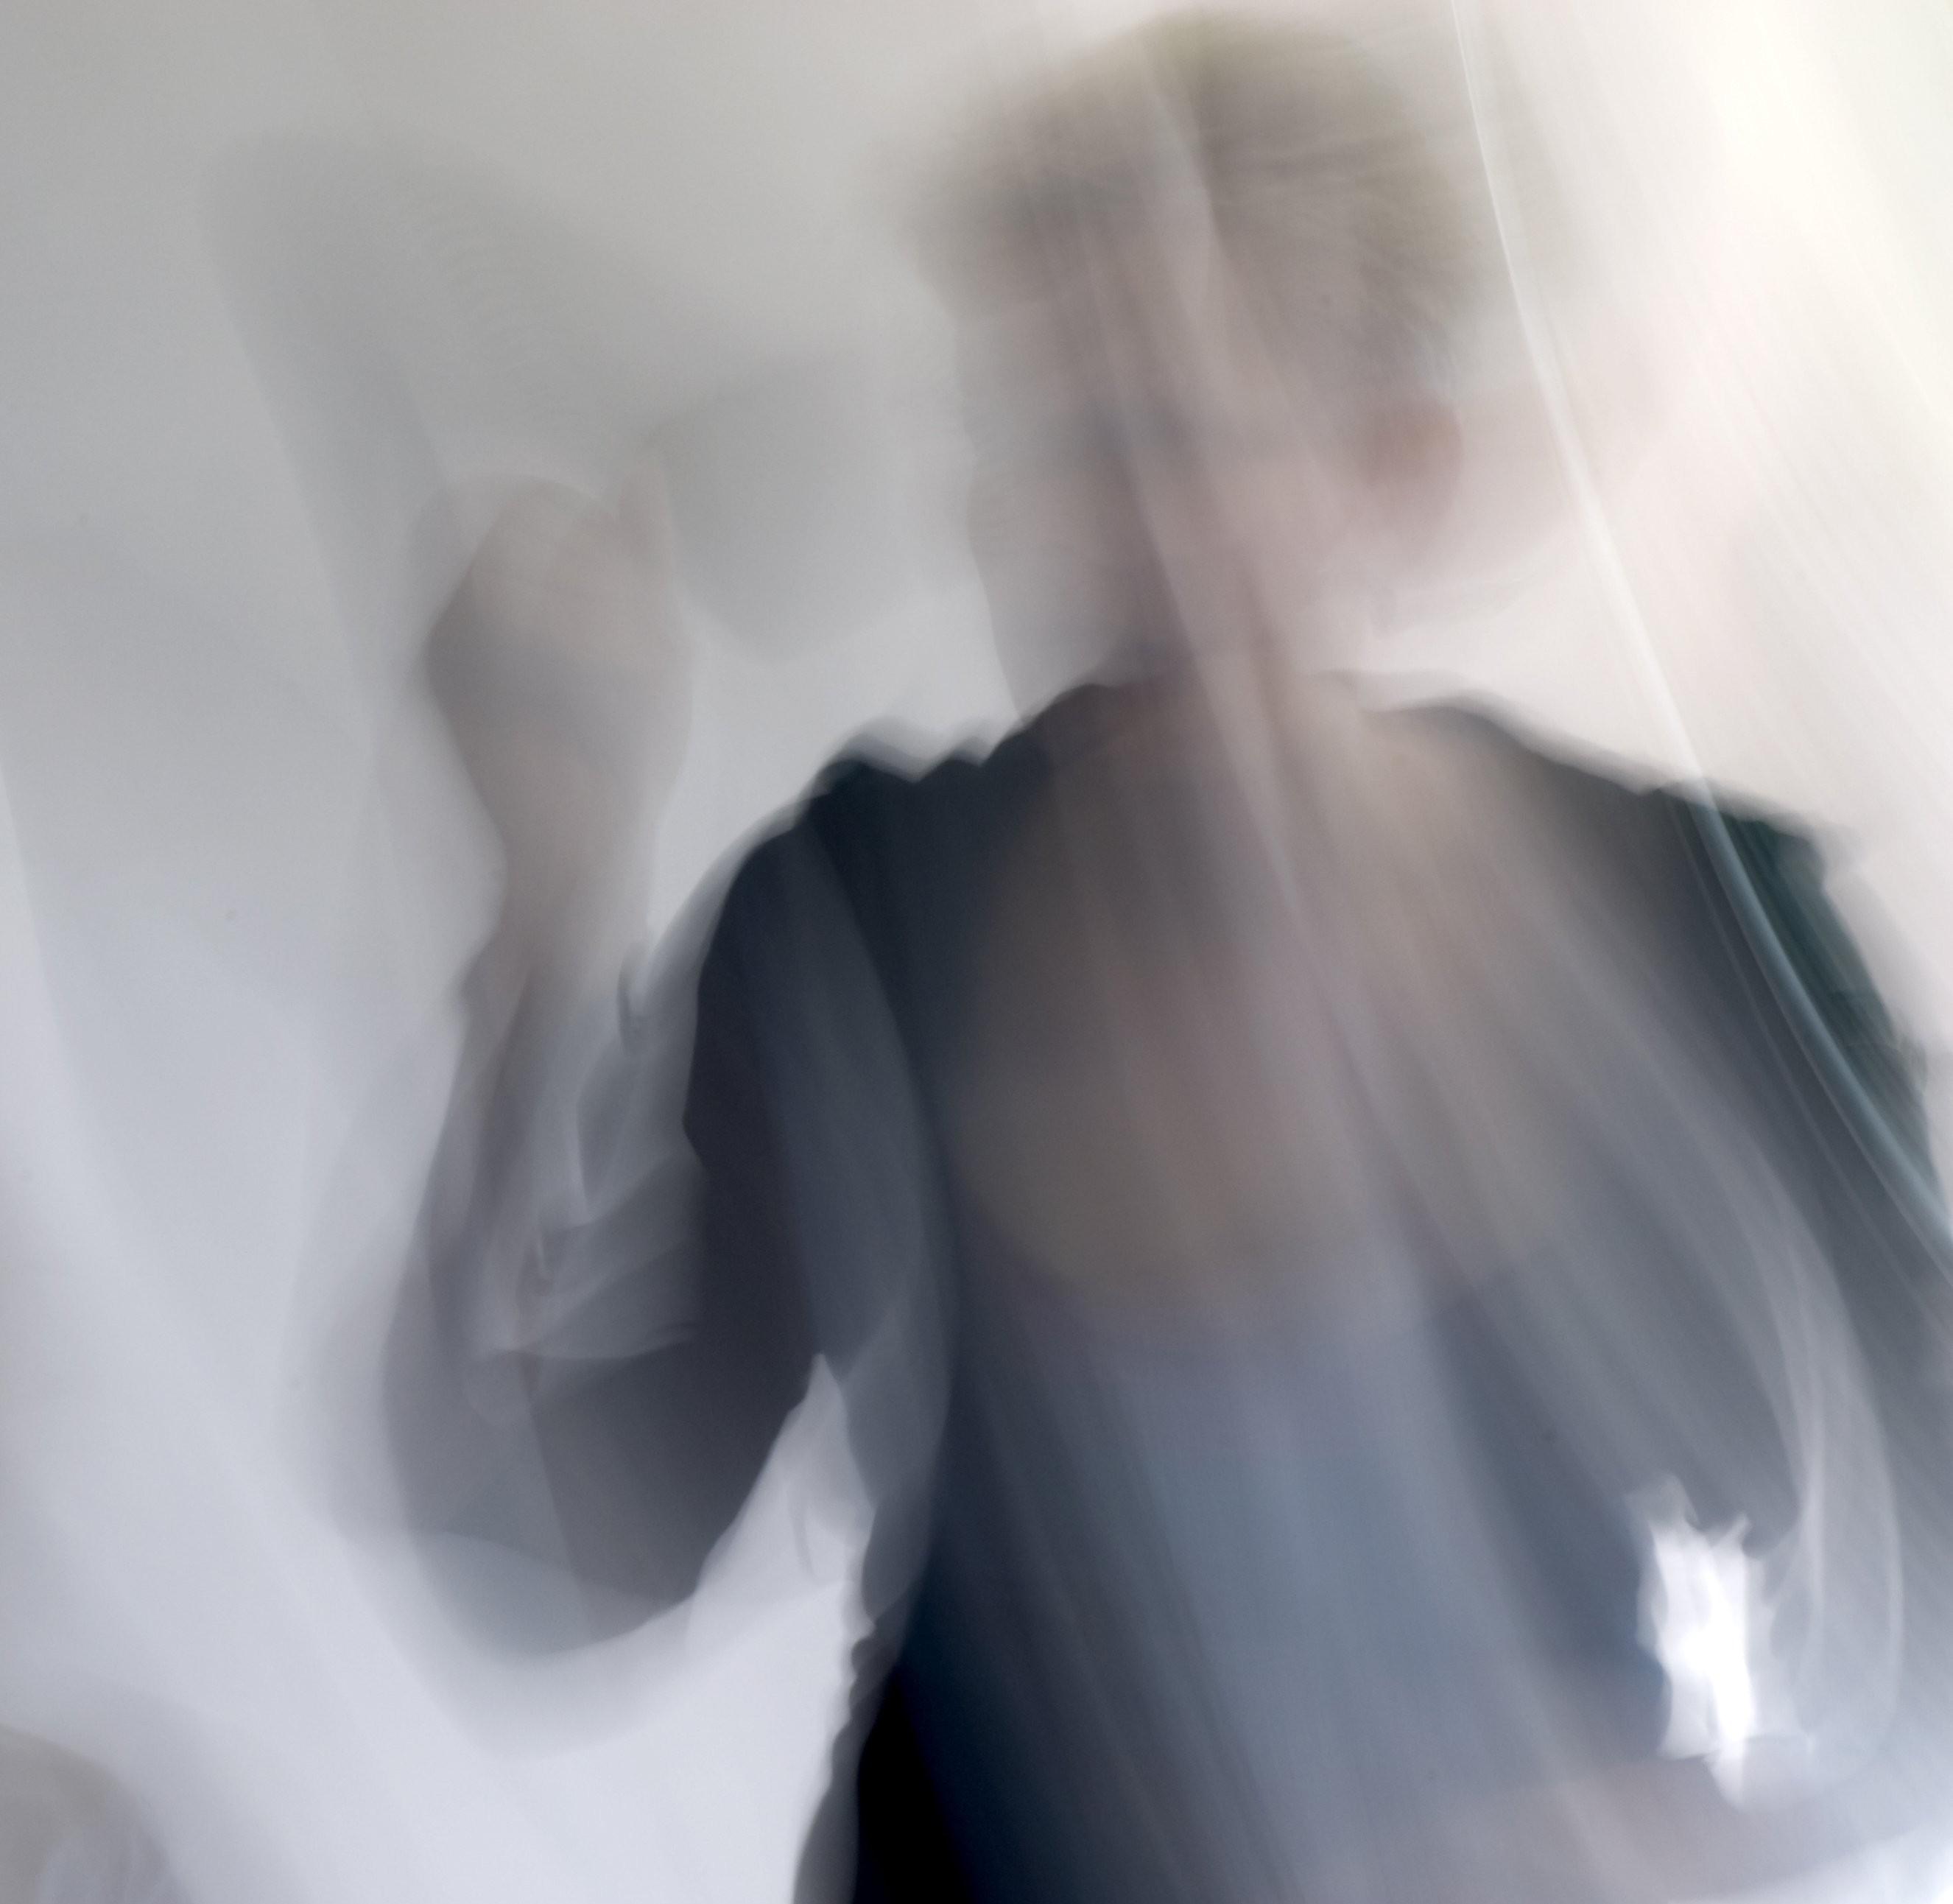 Häusliche Gewalt: Ws kann man dagegen tunwww.pixelio.de